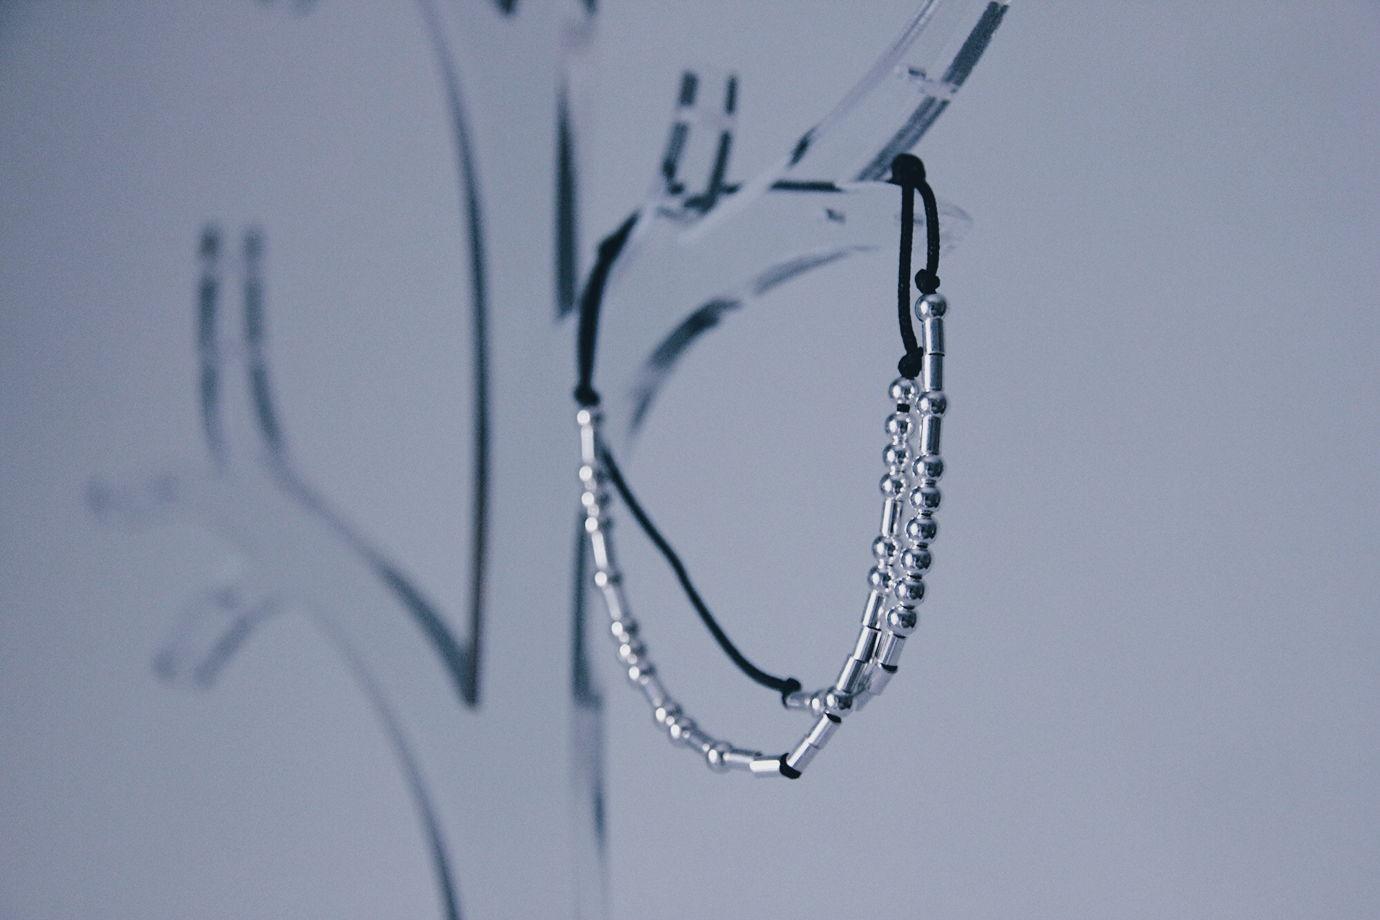 Двойной браслет с вашей фразой на азбуке Морзе